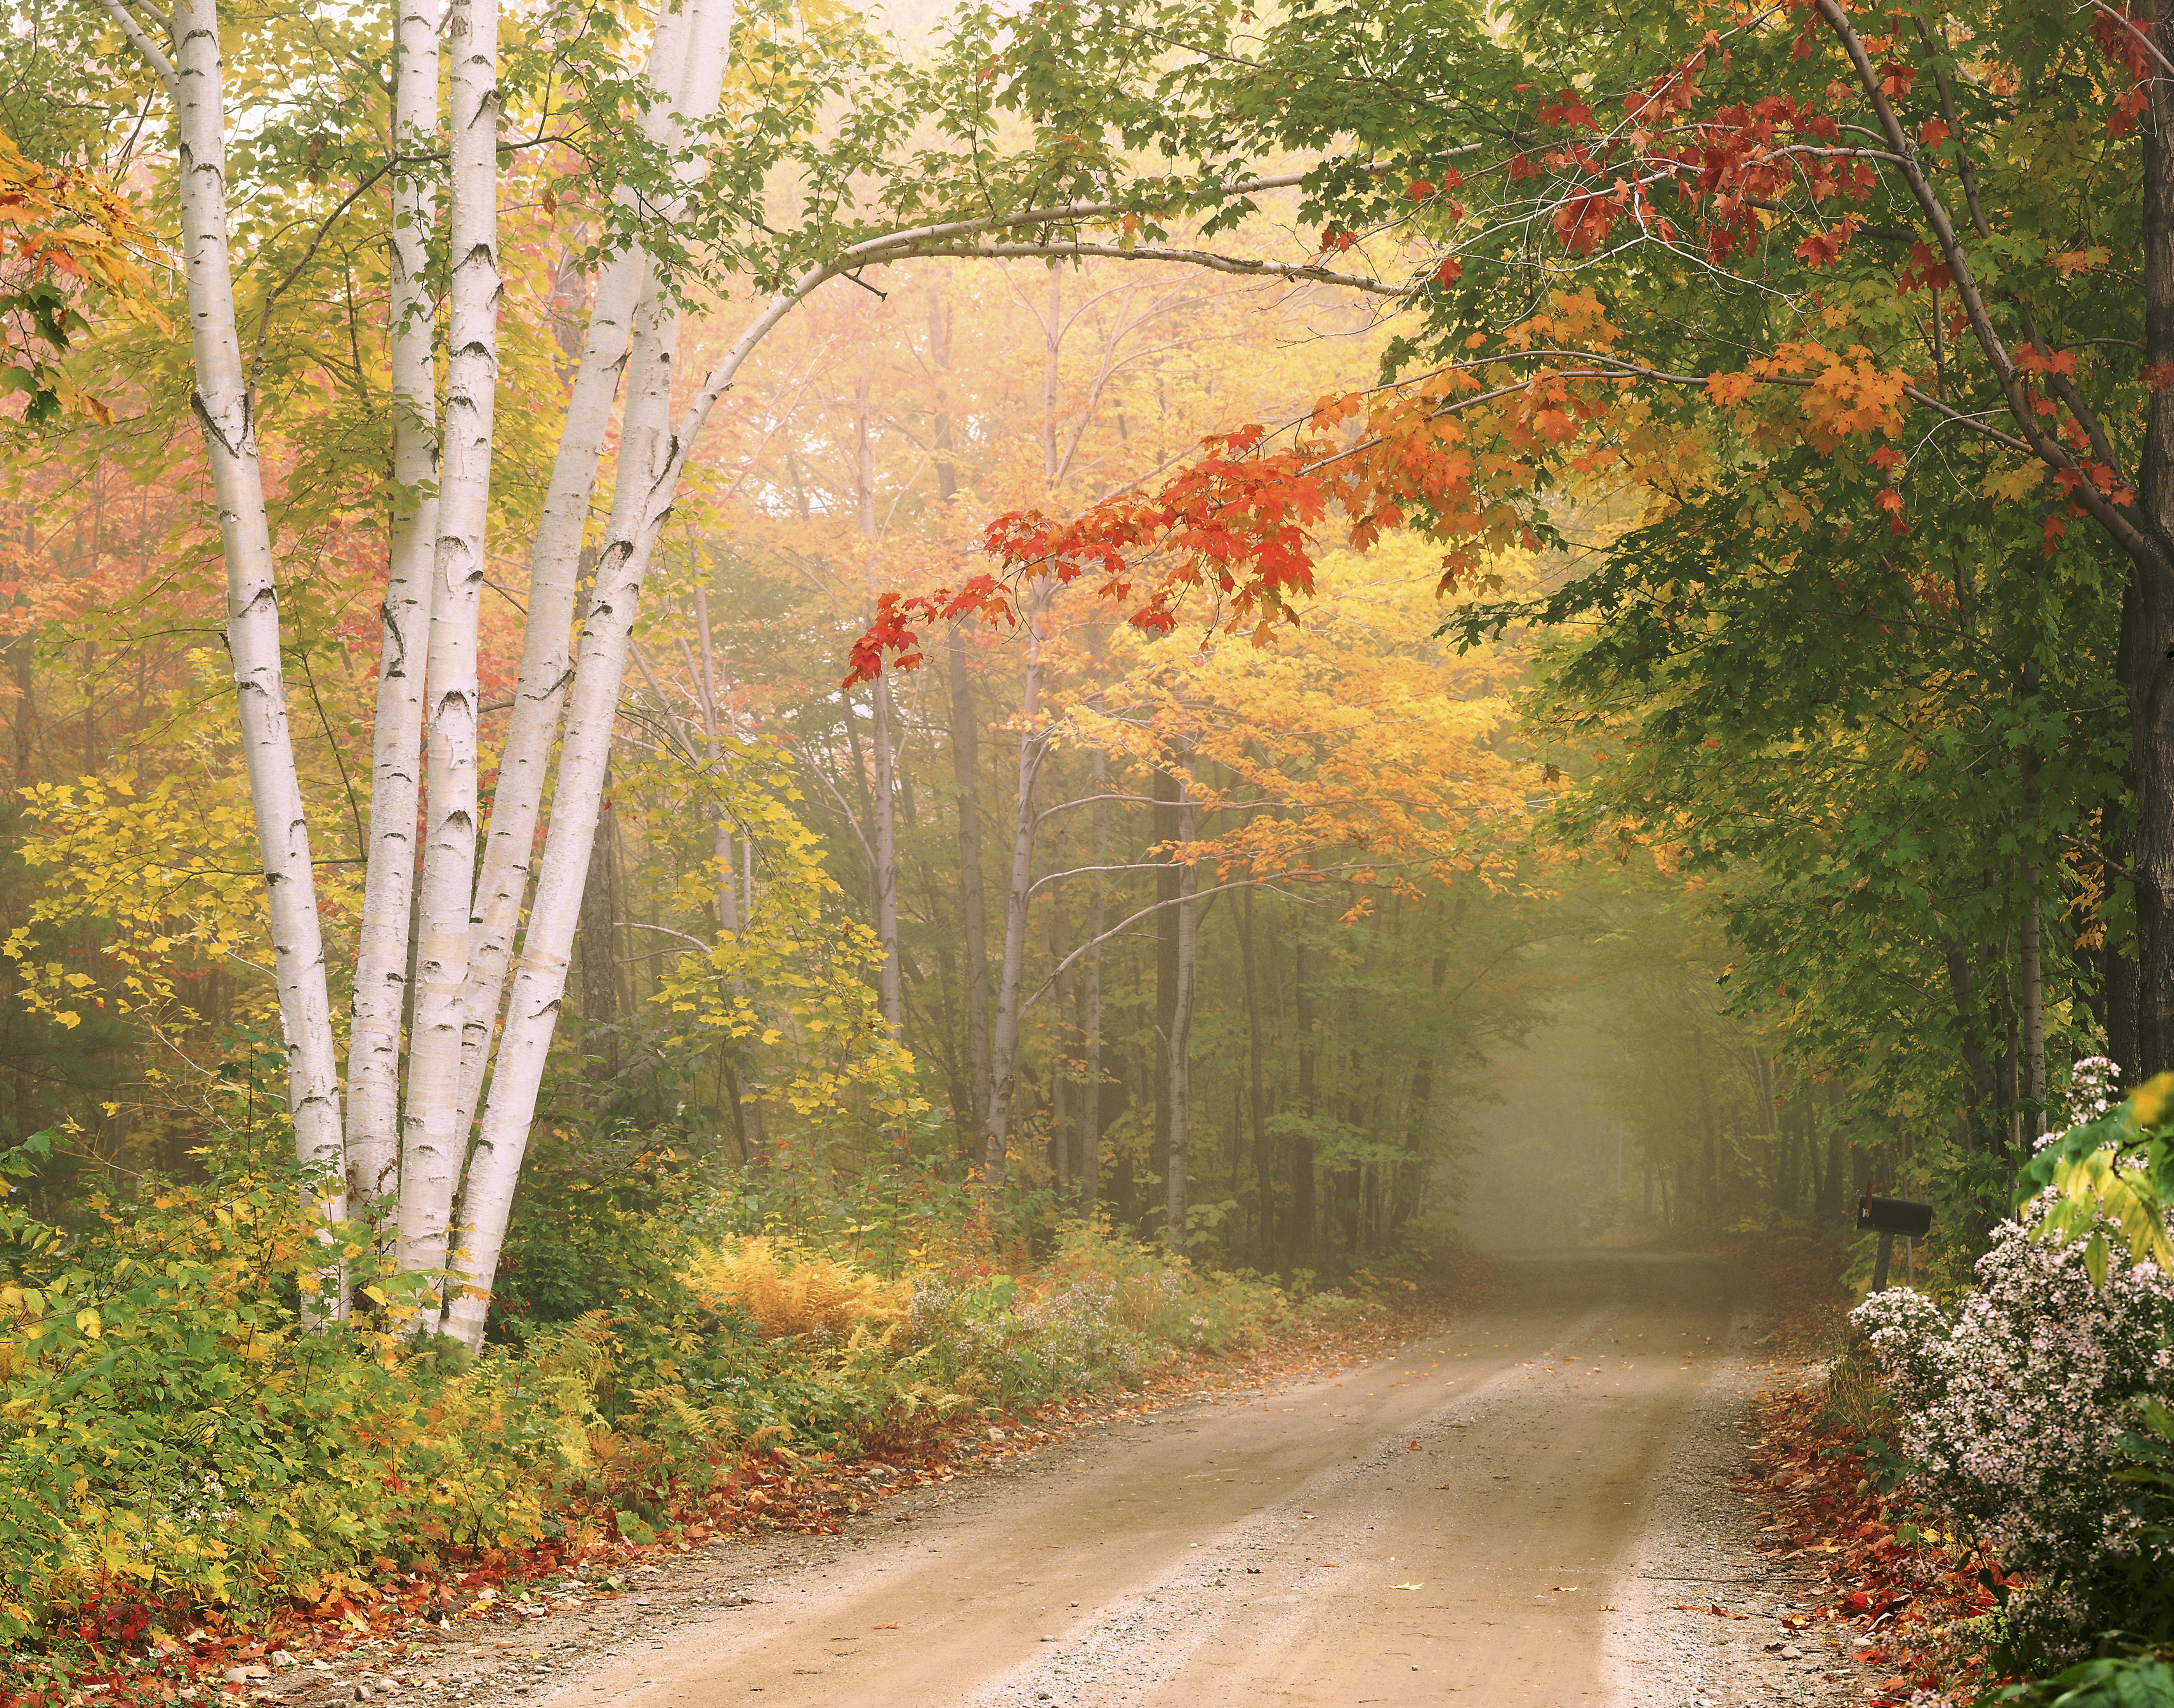 осень, дорога, деревья